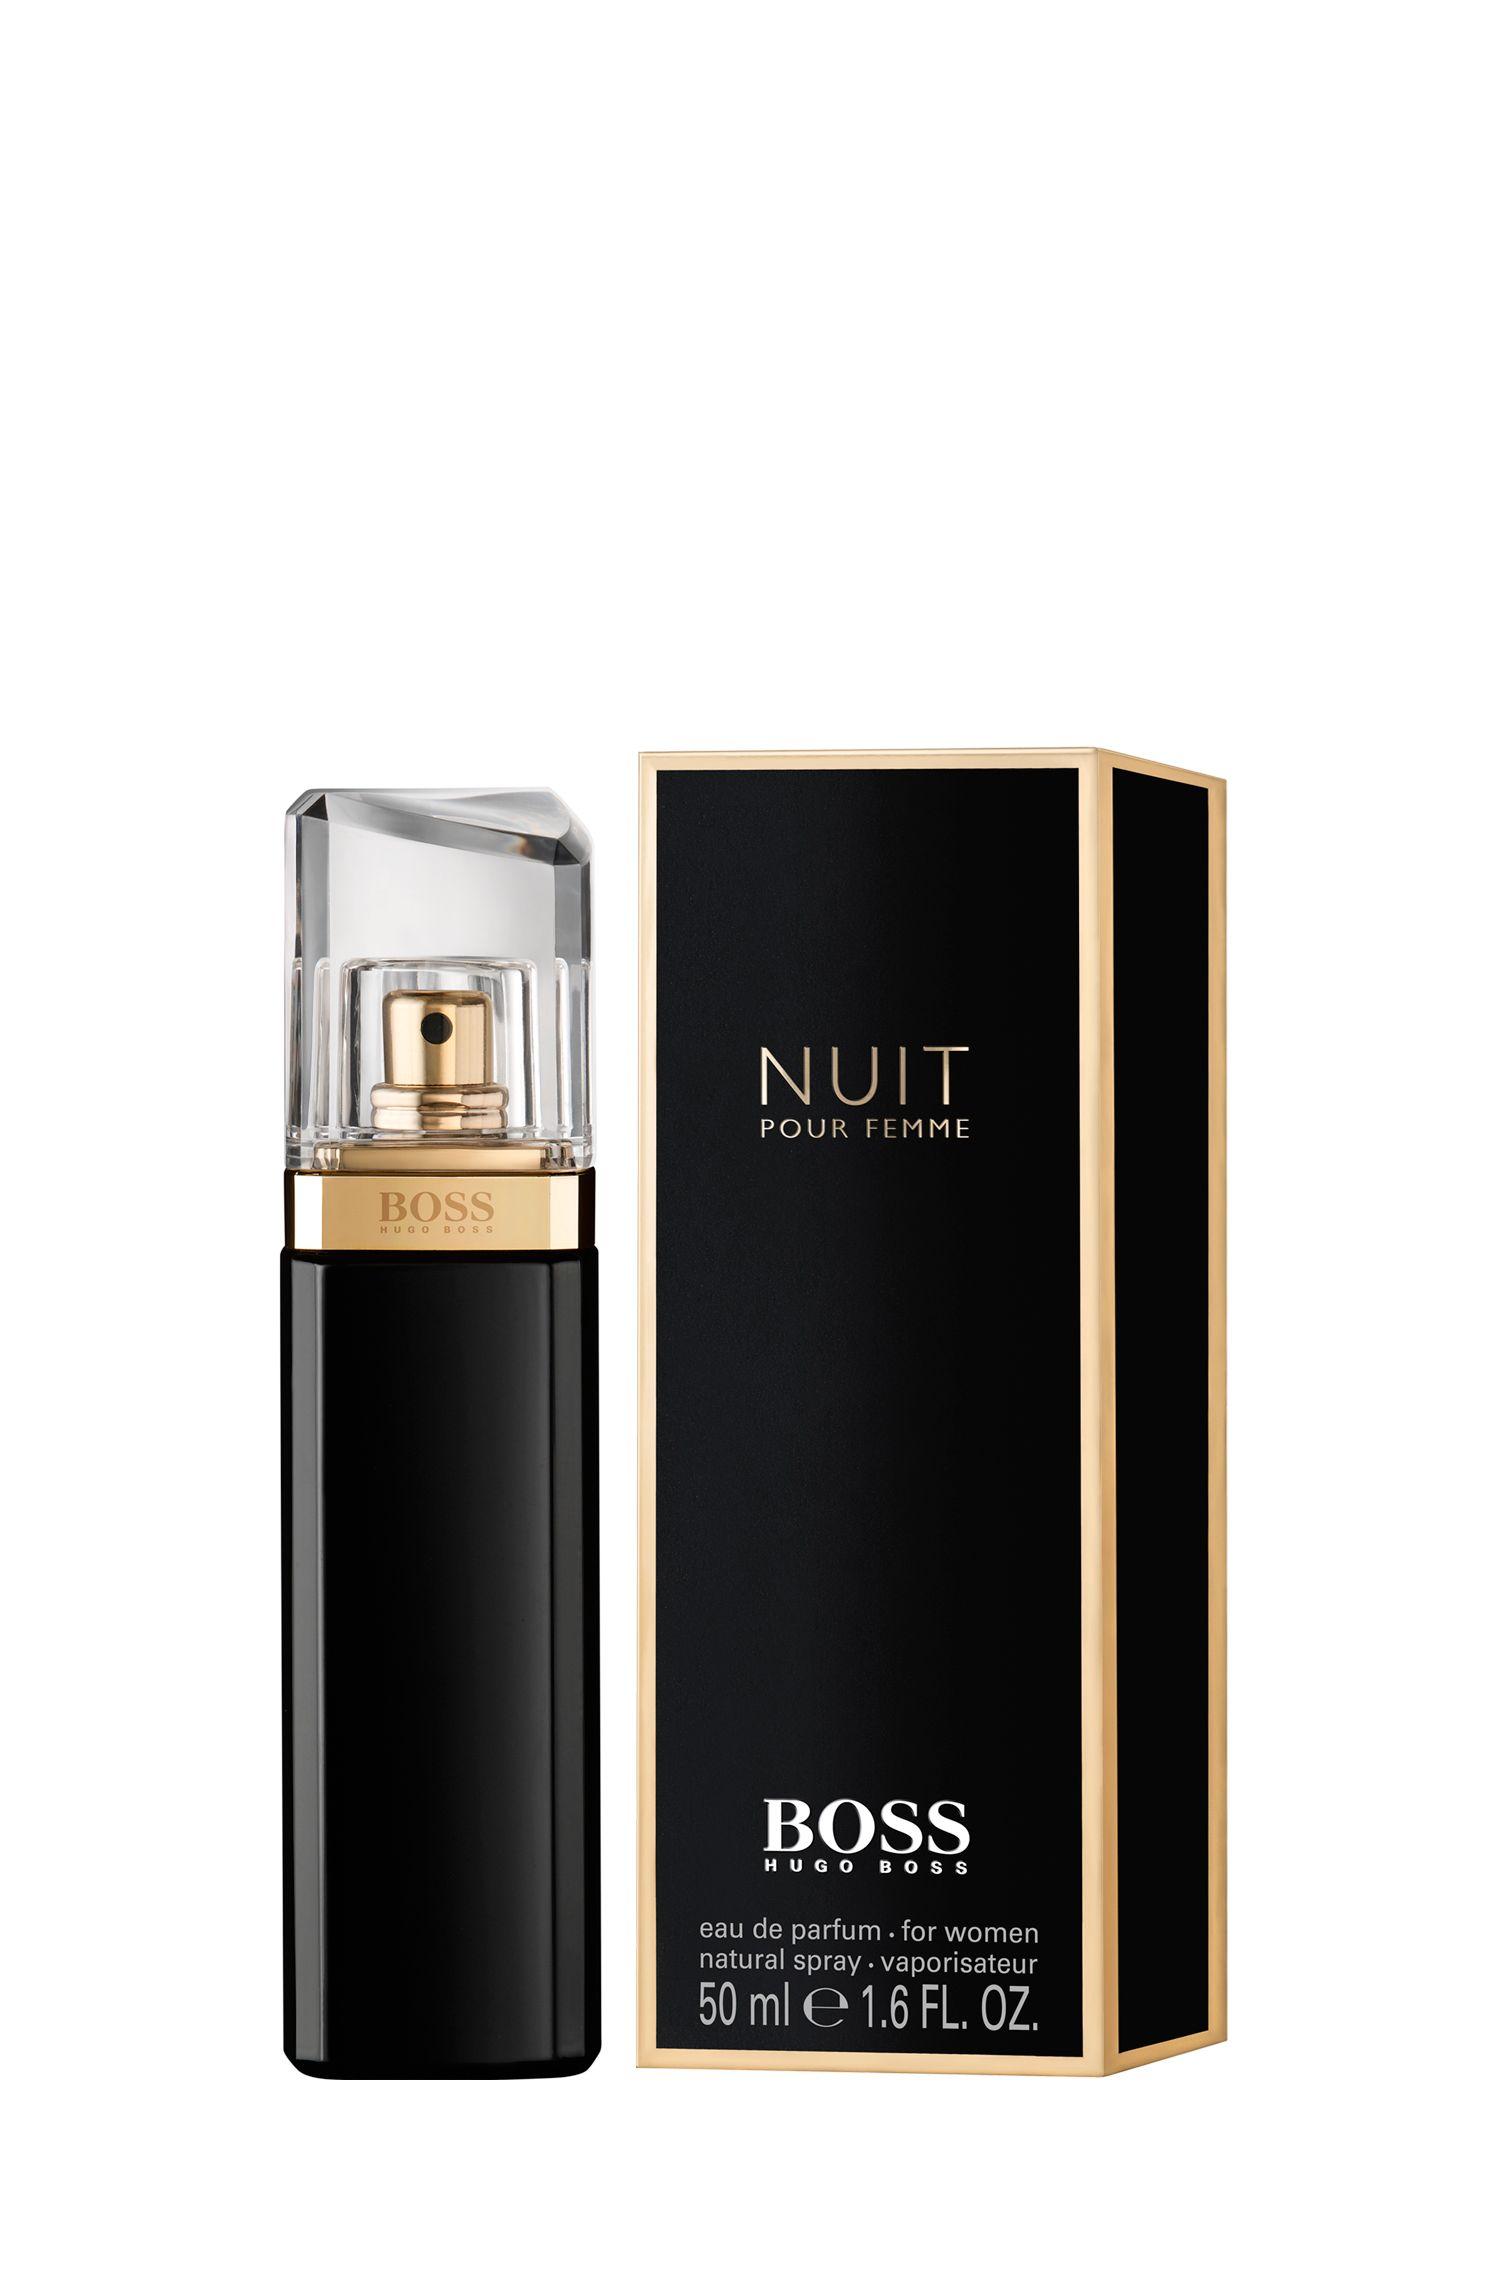 Eau de Parfum BOSS Nuit pour femme, 50ml